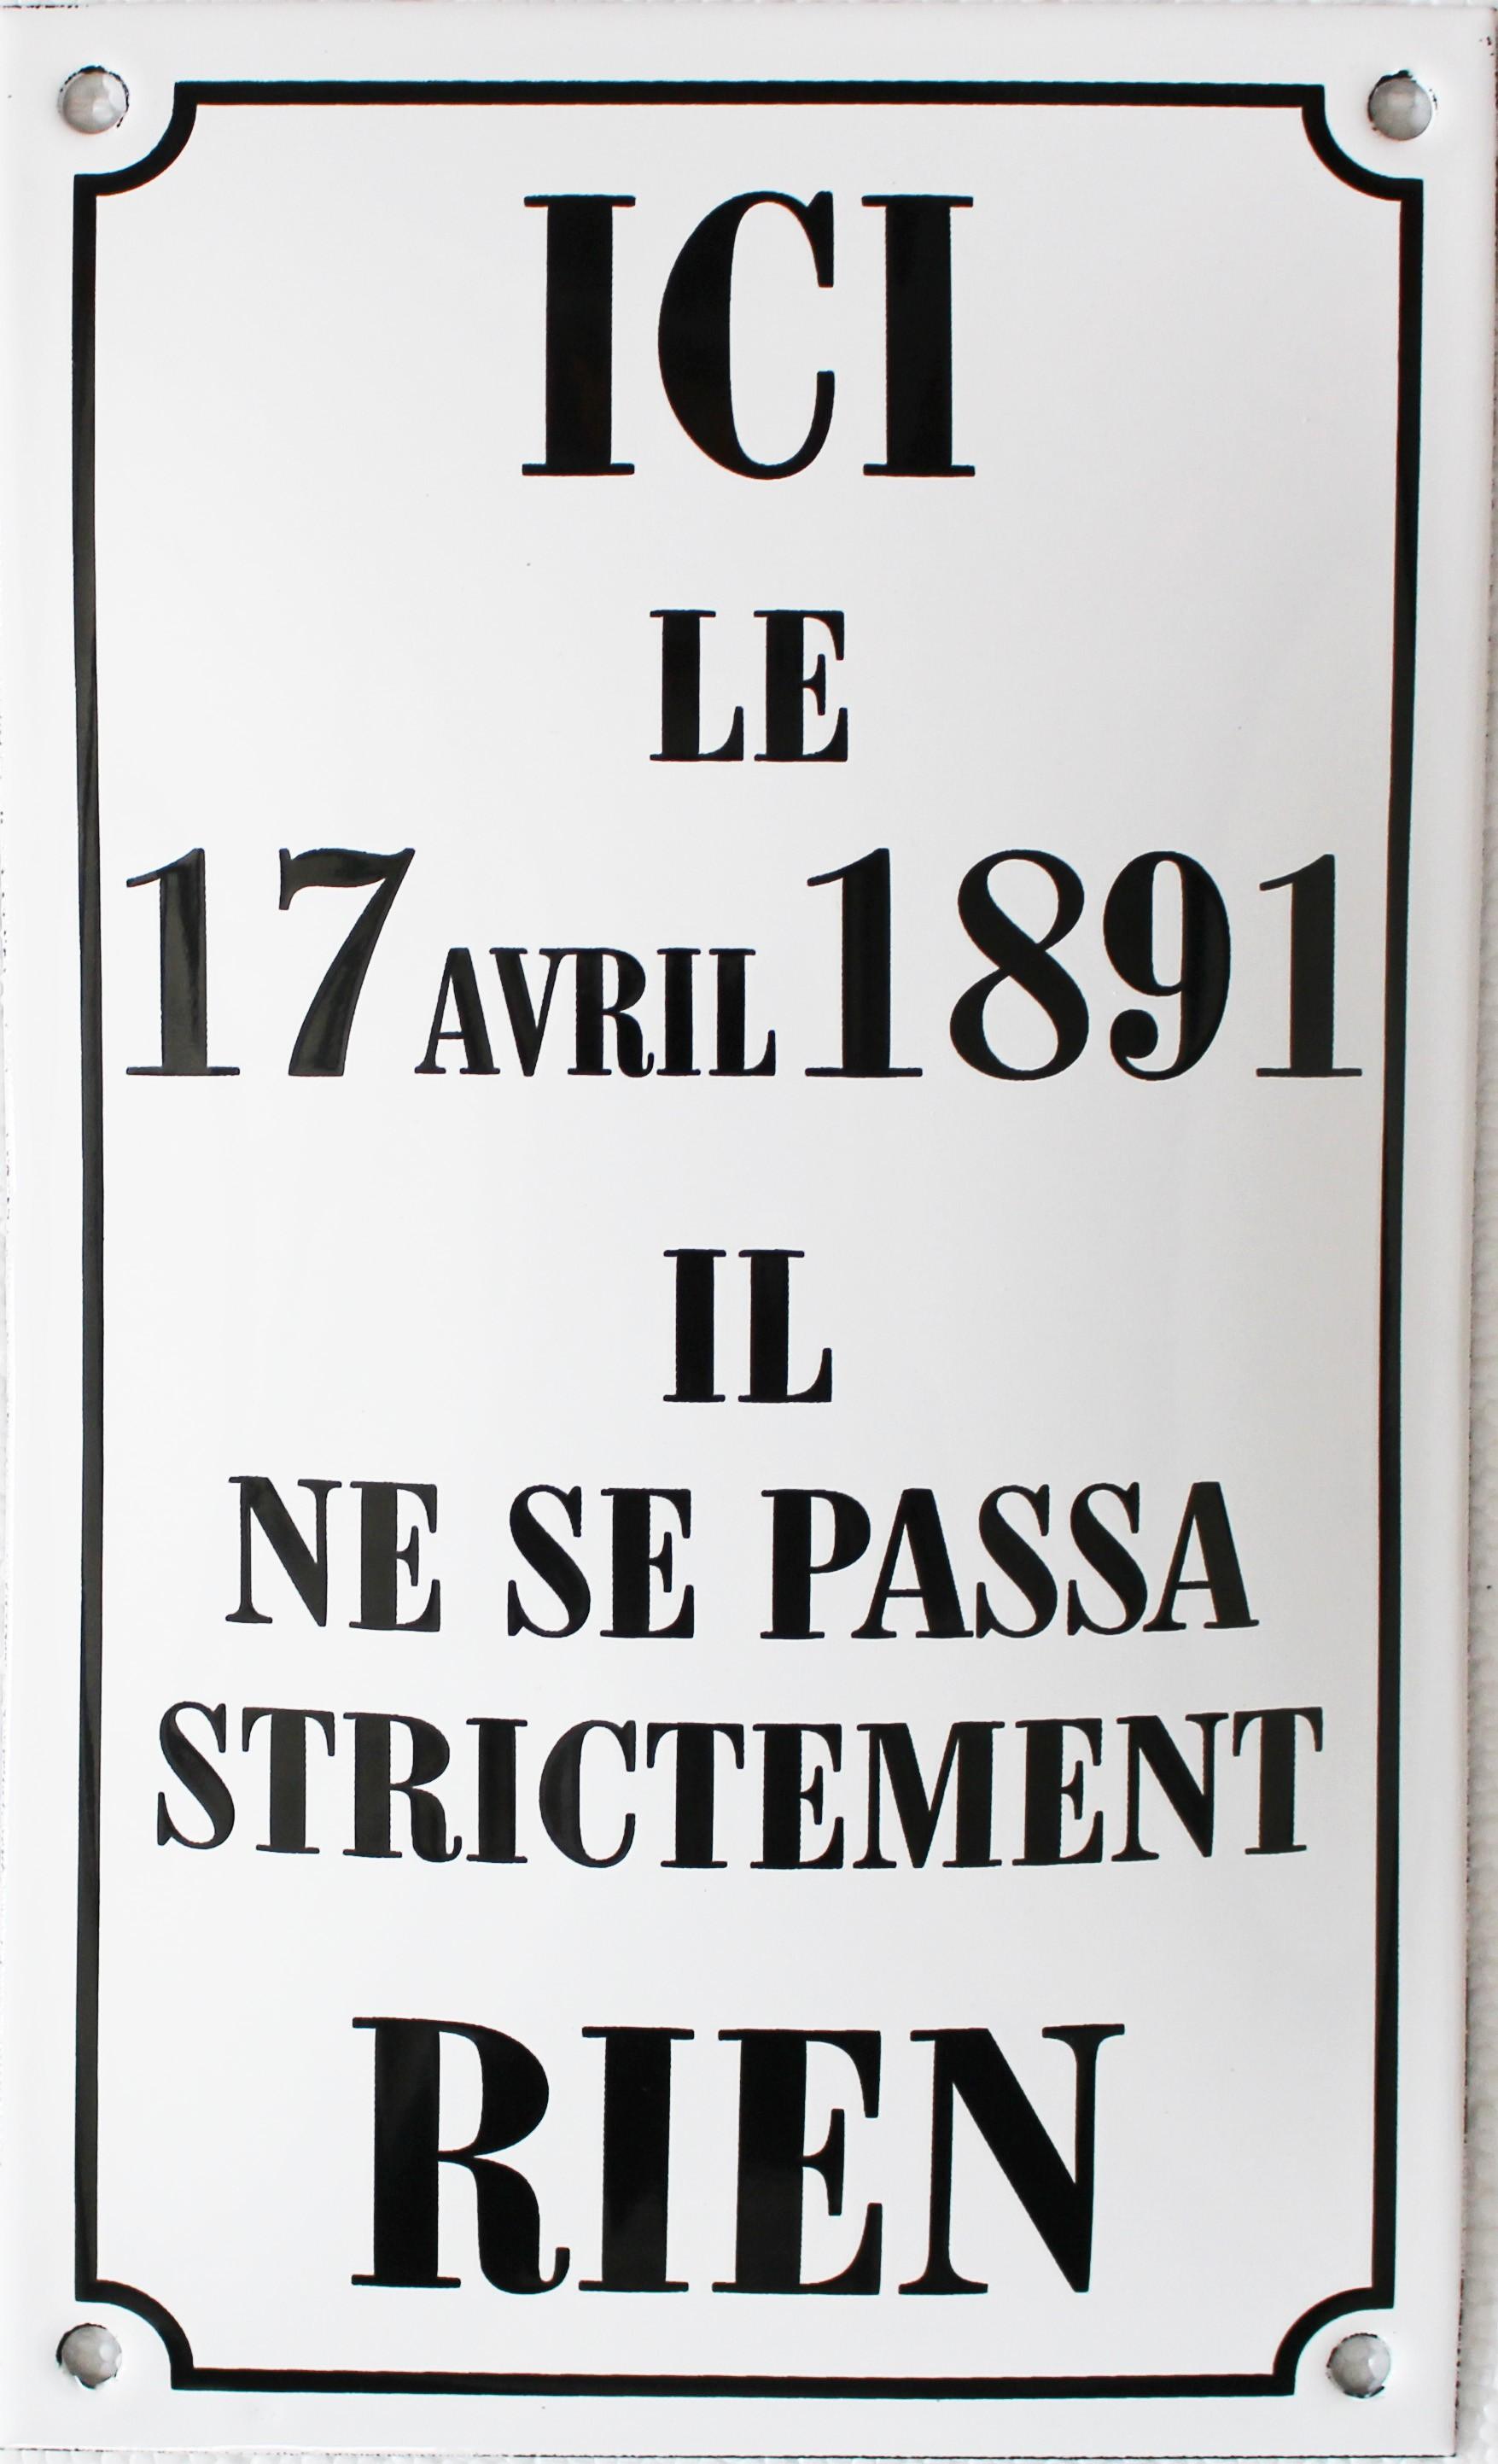 Decoration Salle De Bain Rouge Et Blanc ~ plaque maill e humoristique ici le 17 avril